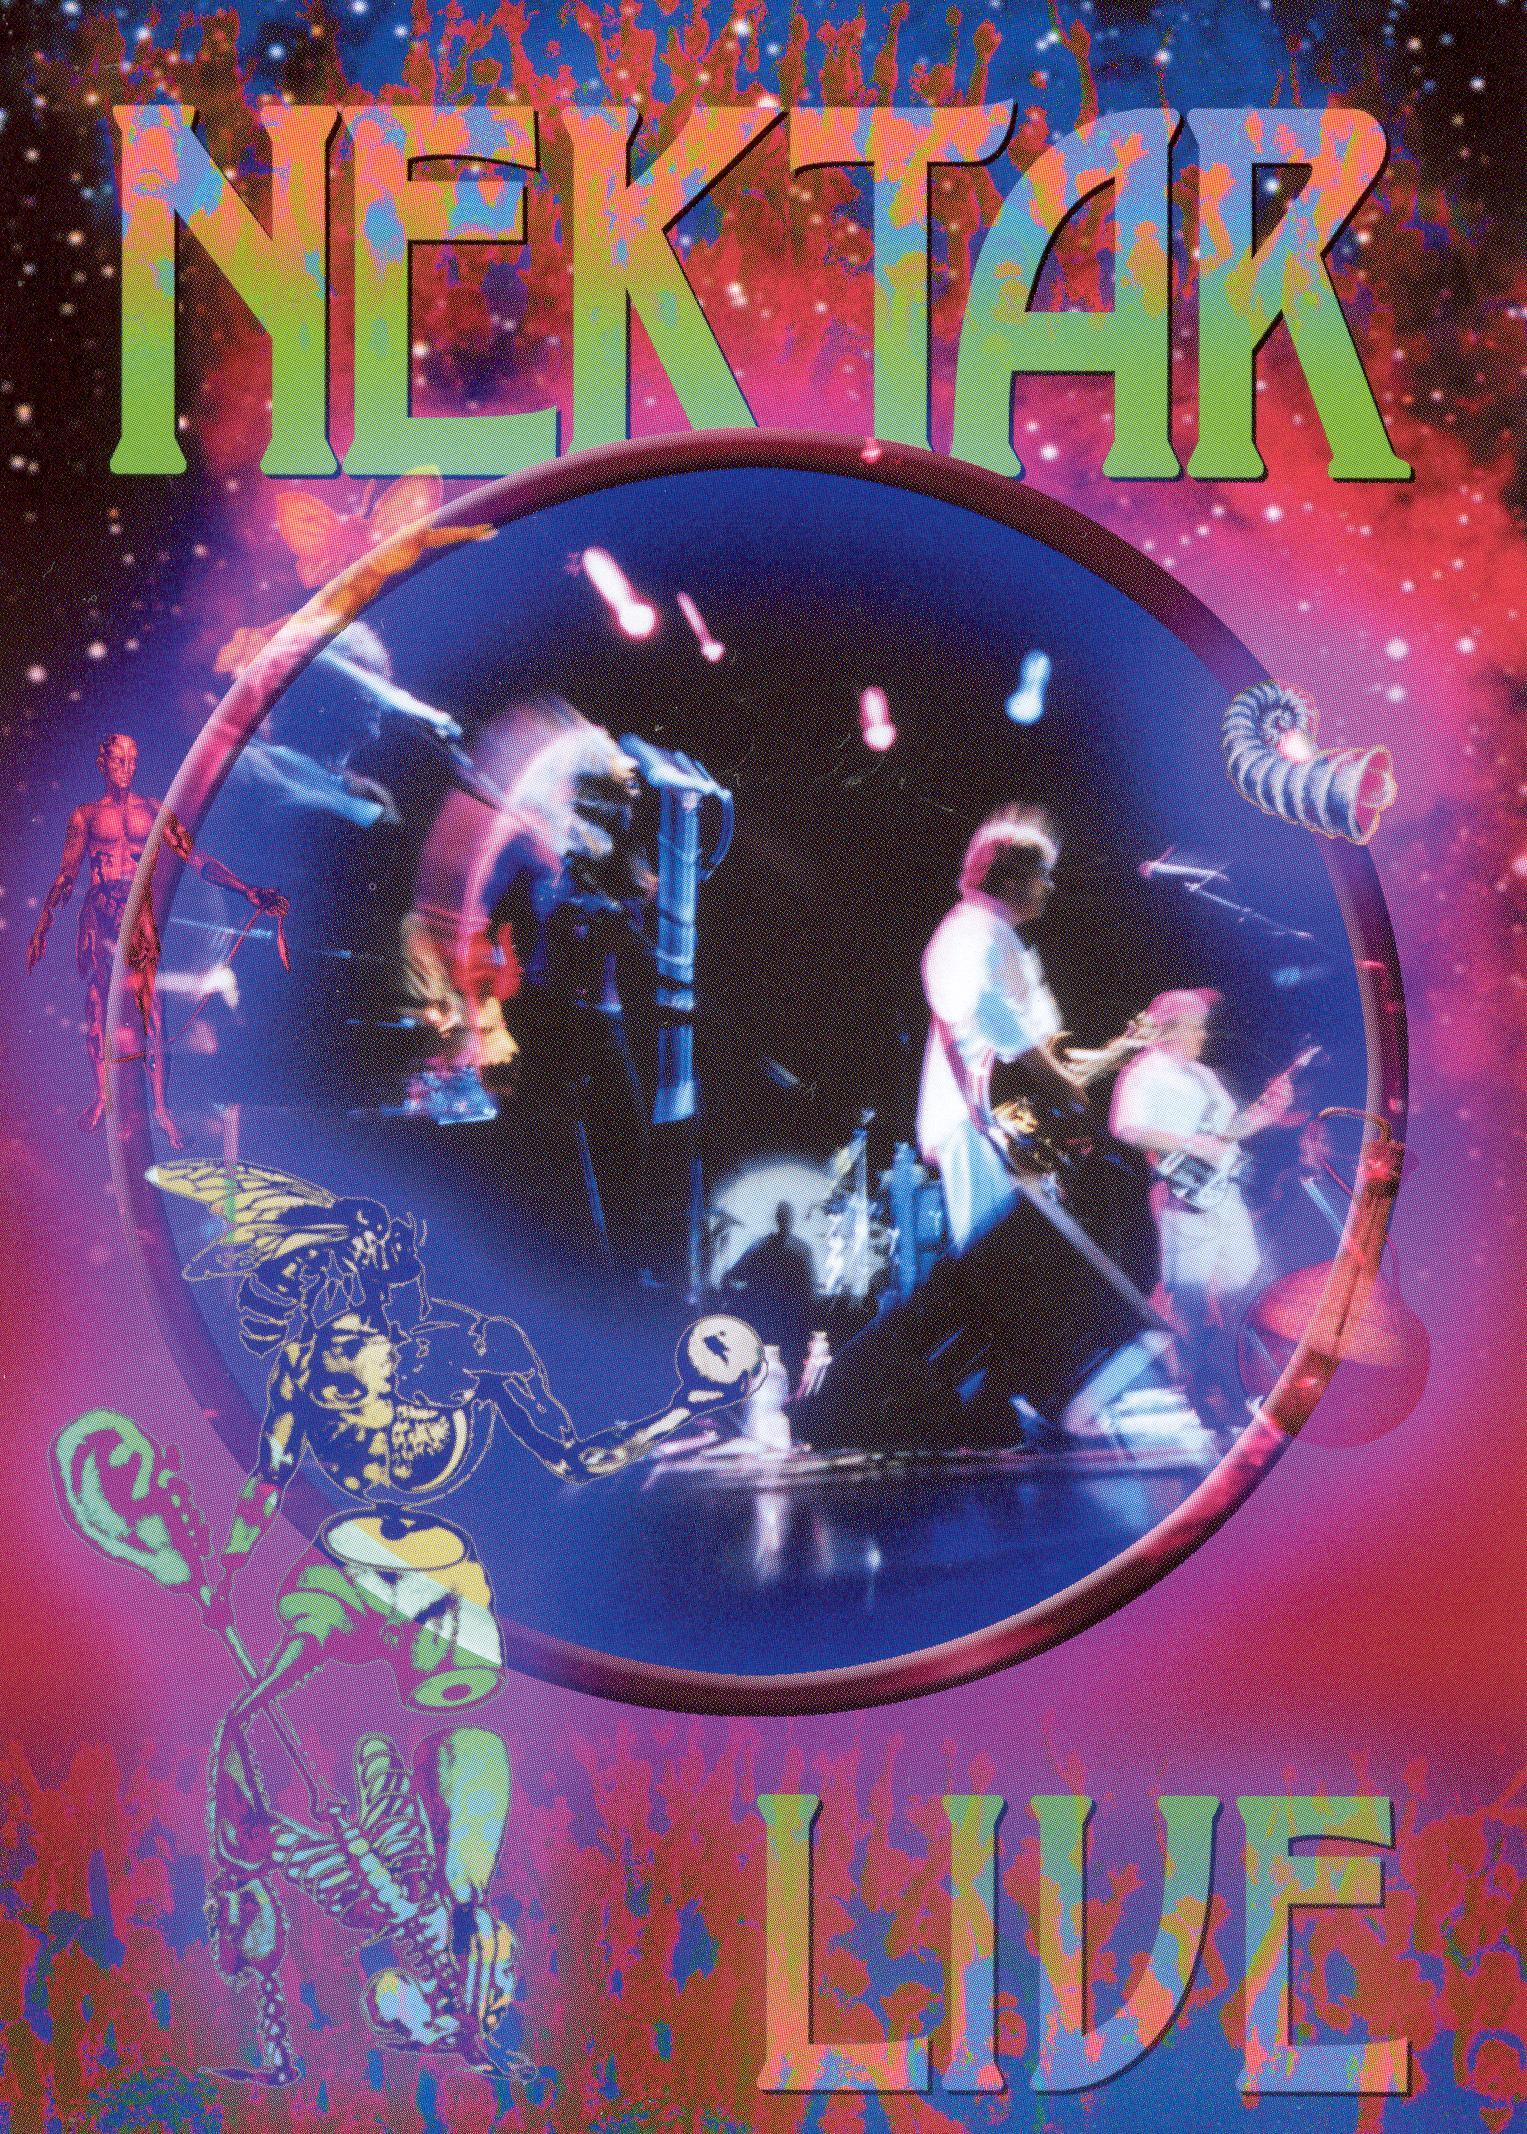 Nektar: Live 2002